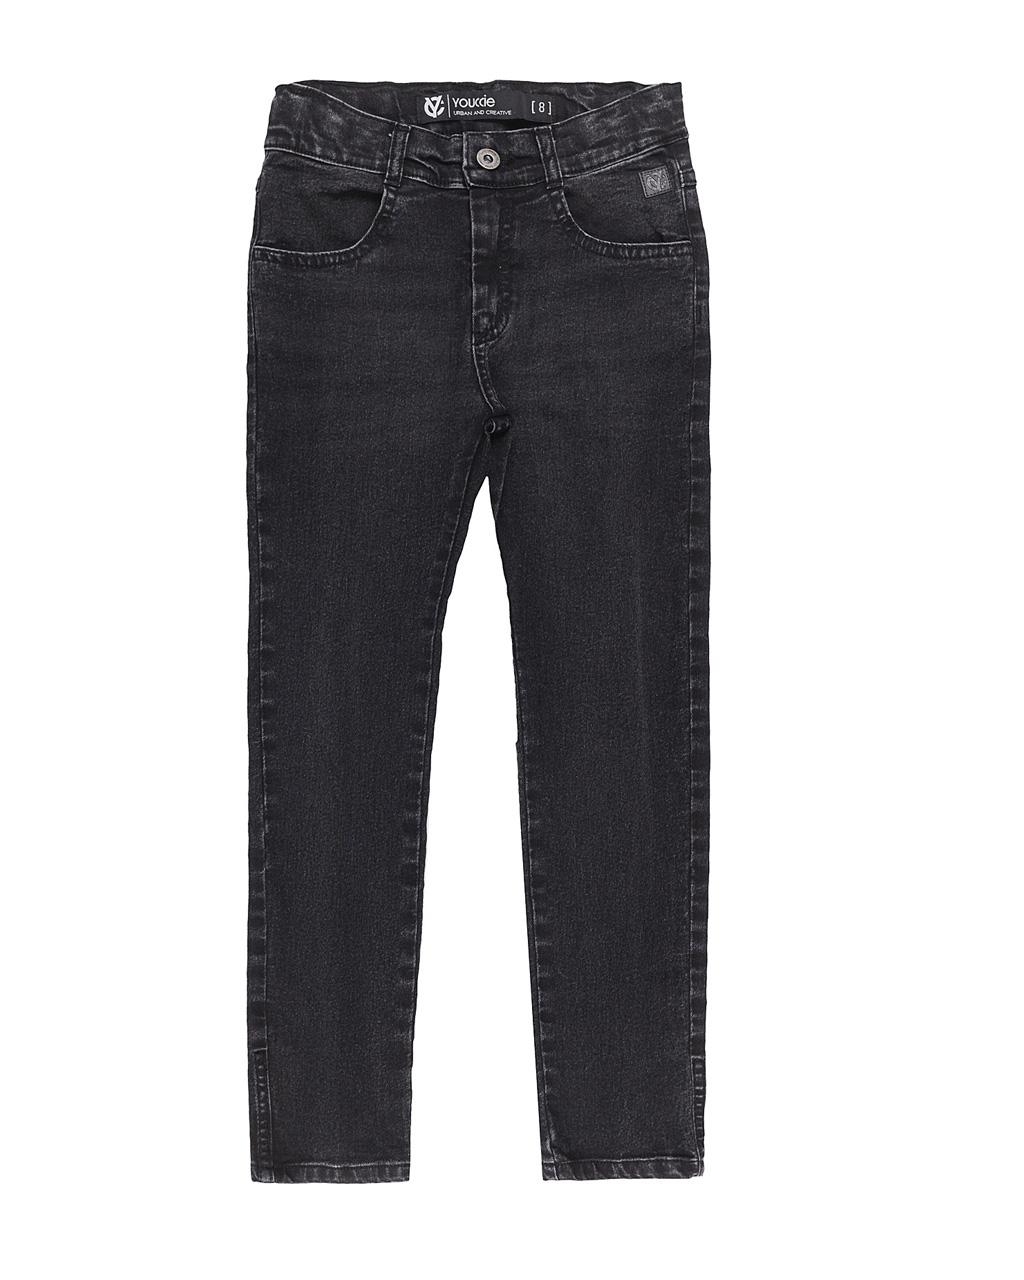 Calça Infantil Jeans Preto Youccie